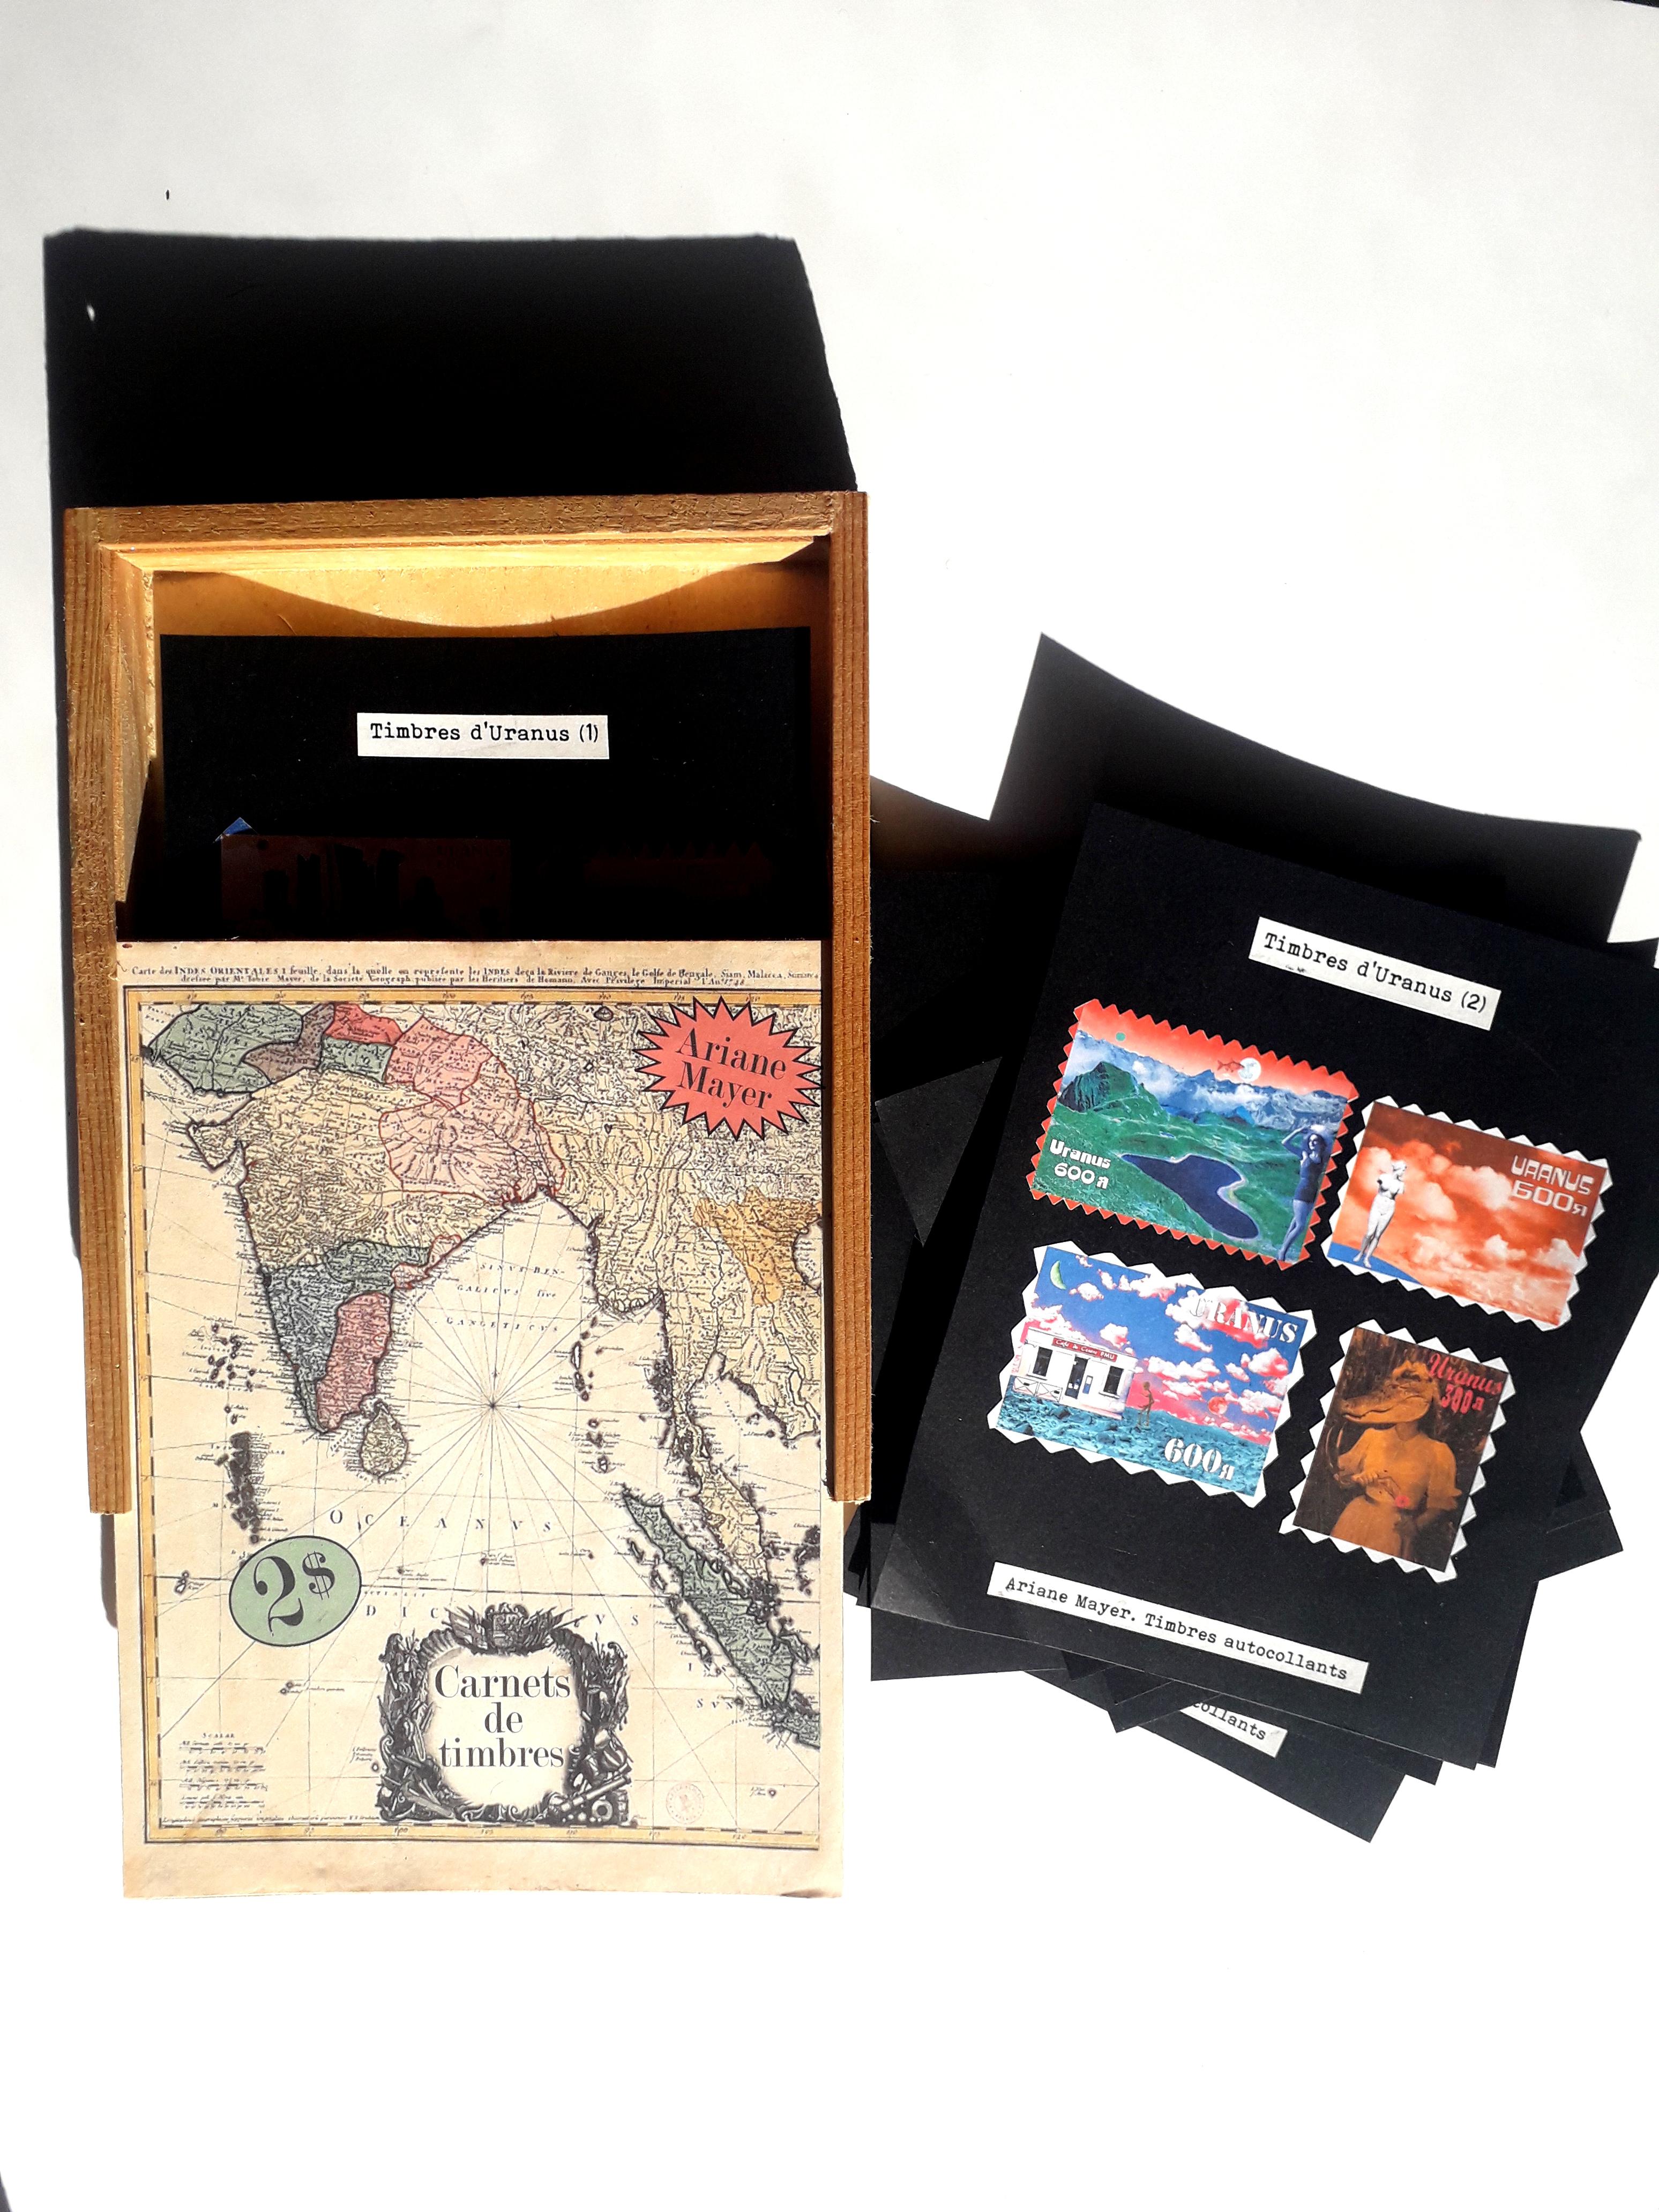 Carnets de timbres (7)